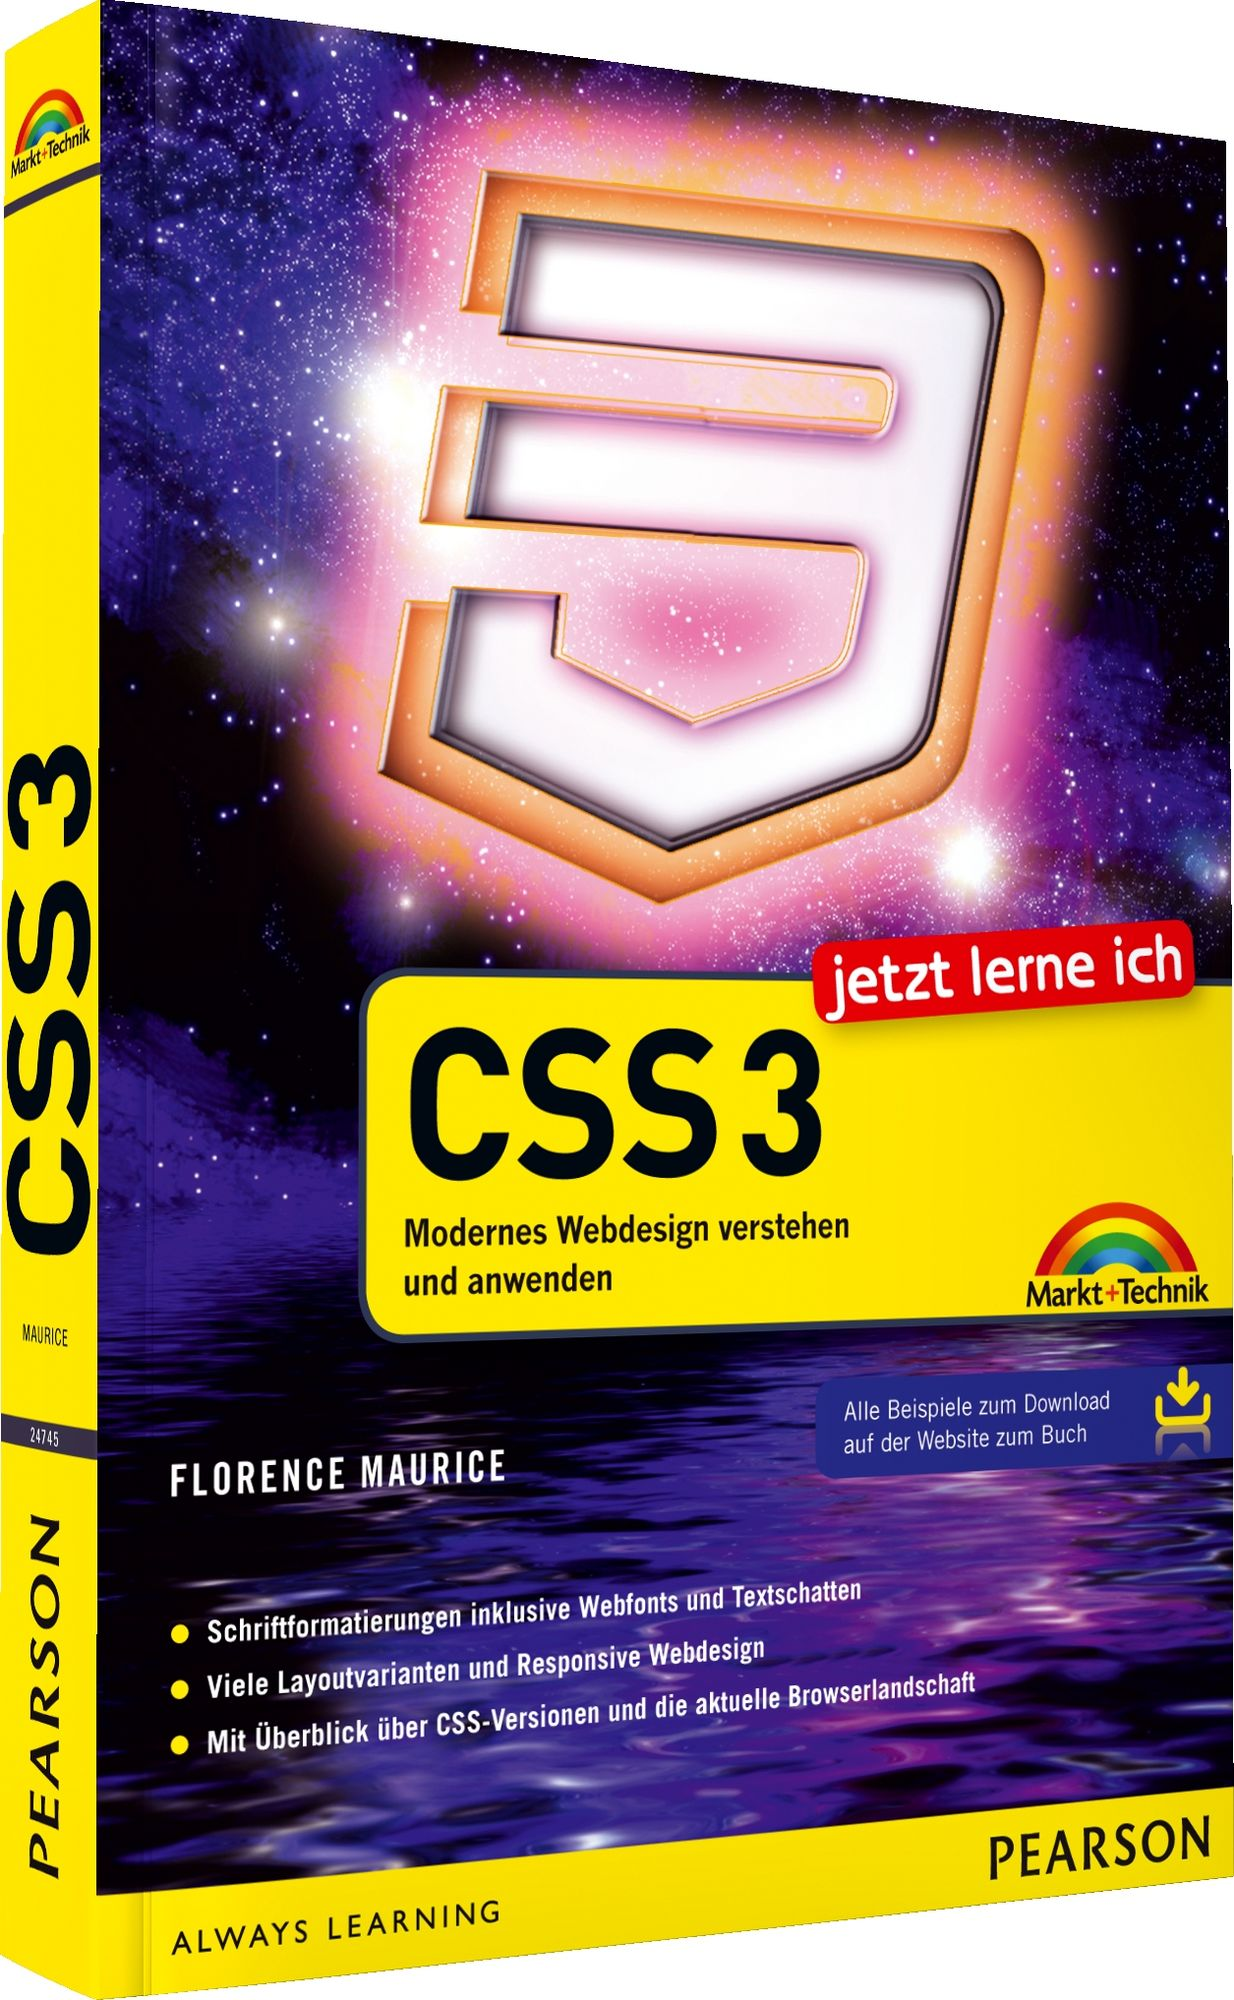 Jetzt lerne ich CSS3: Modernes Webdesign verste...